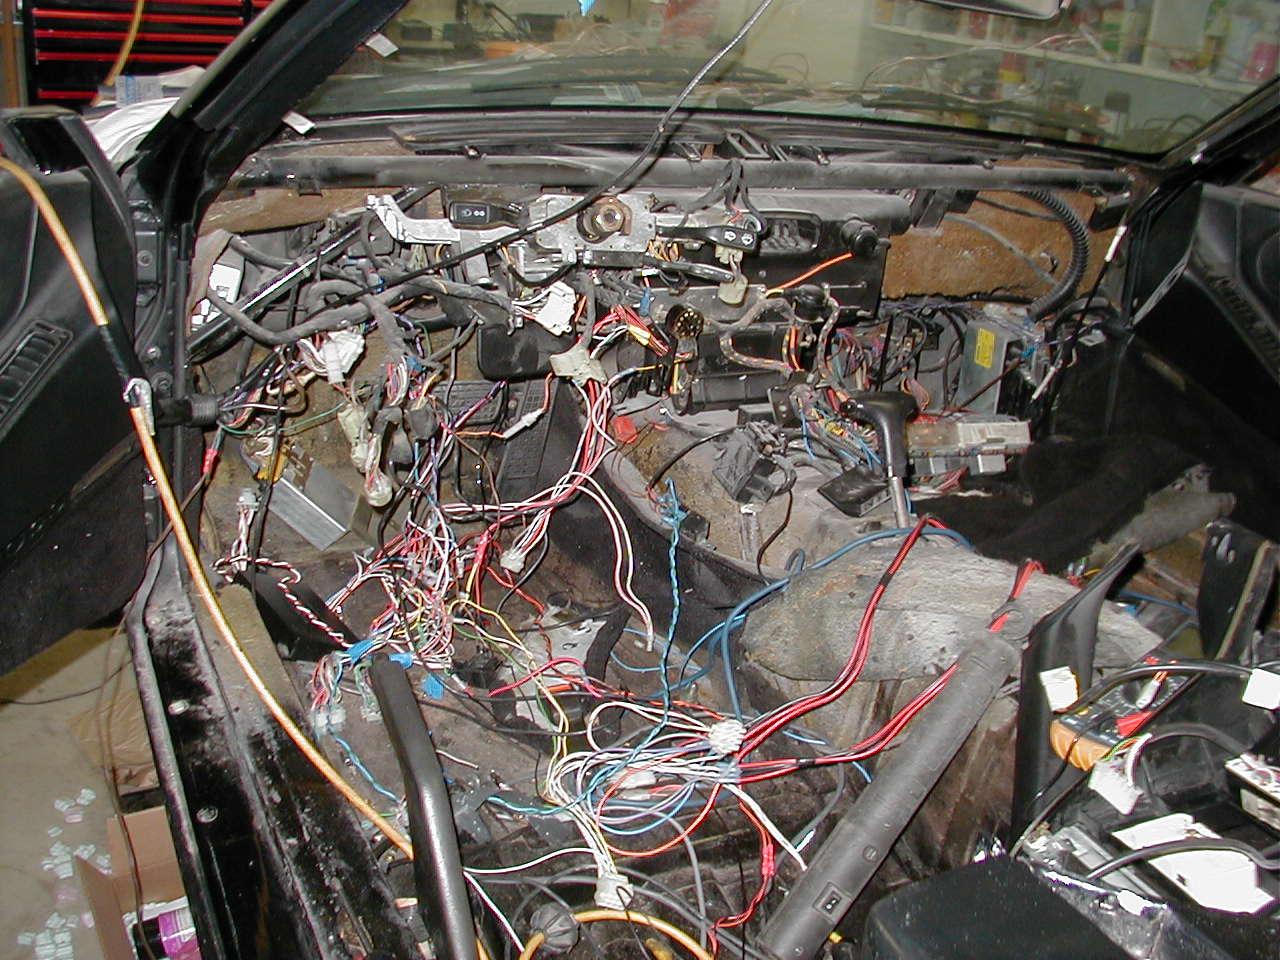 [DIAGRAM_0HG]  GZ_4074] Porsche 928 Starter Wiring Free Diagram | Wiring Diagram Porsche 928 |  | Onom Ntnes Feren Geis Phae Mohammedshrine Librar Wiring 101